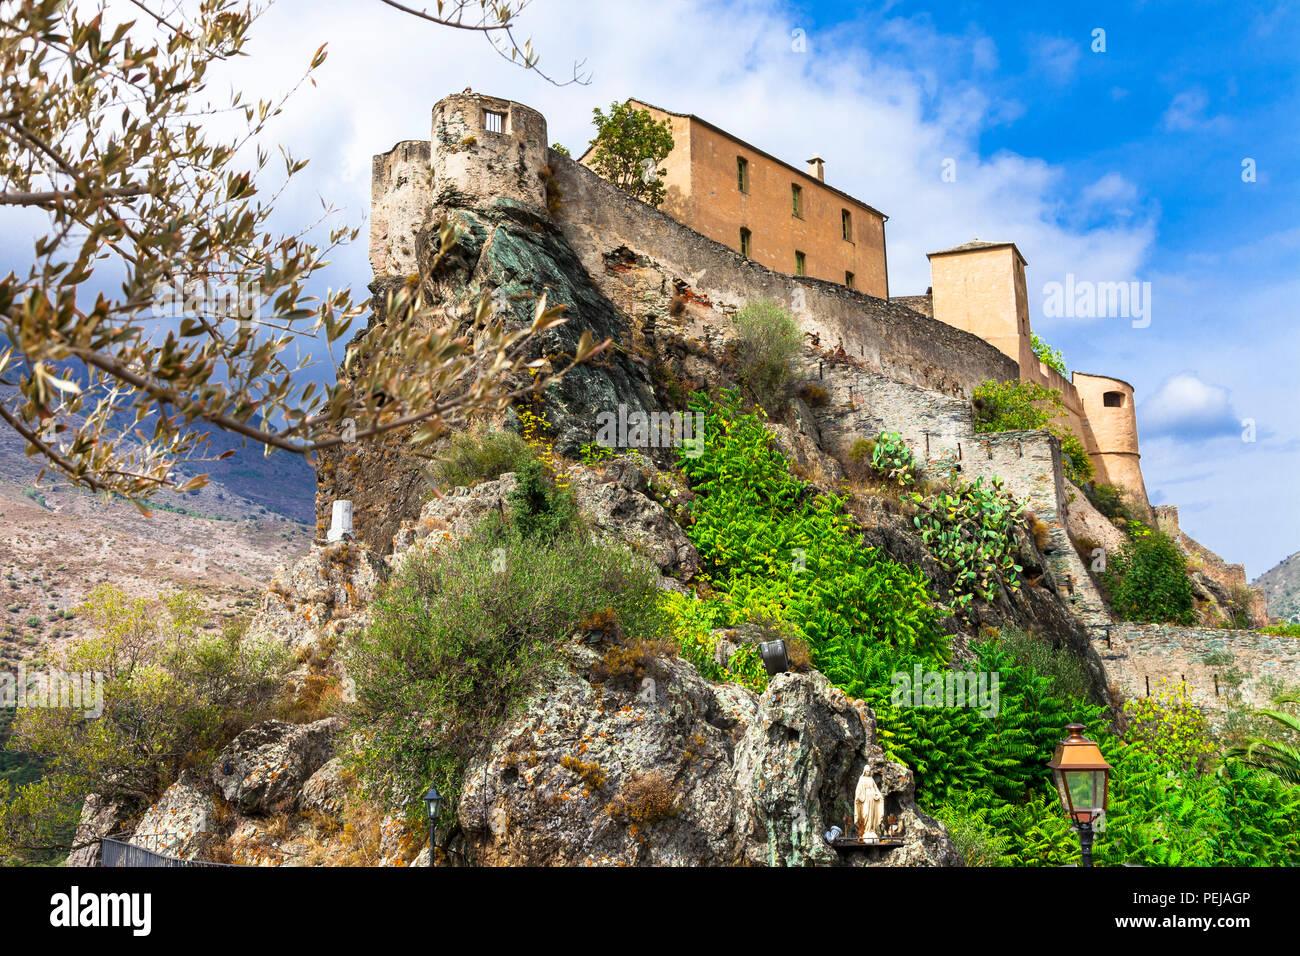 Impressionnante forteresse à Corte village,Corse,France. Photo Stock